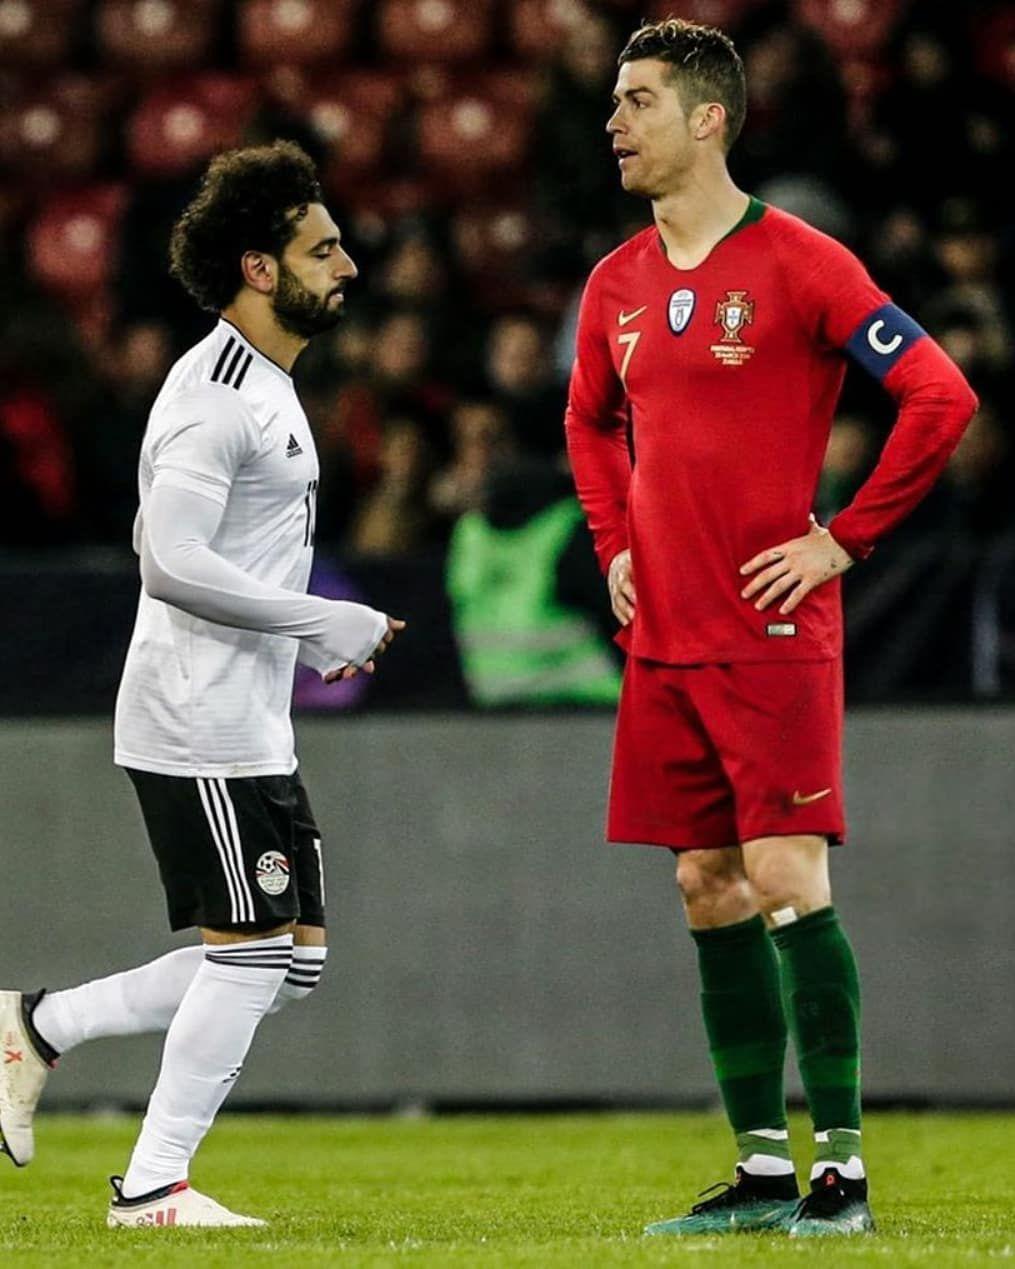 Cristiano Ronaldo7 Goat En 2020 Ronaldo Cristiano Ronaldo Juventus